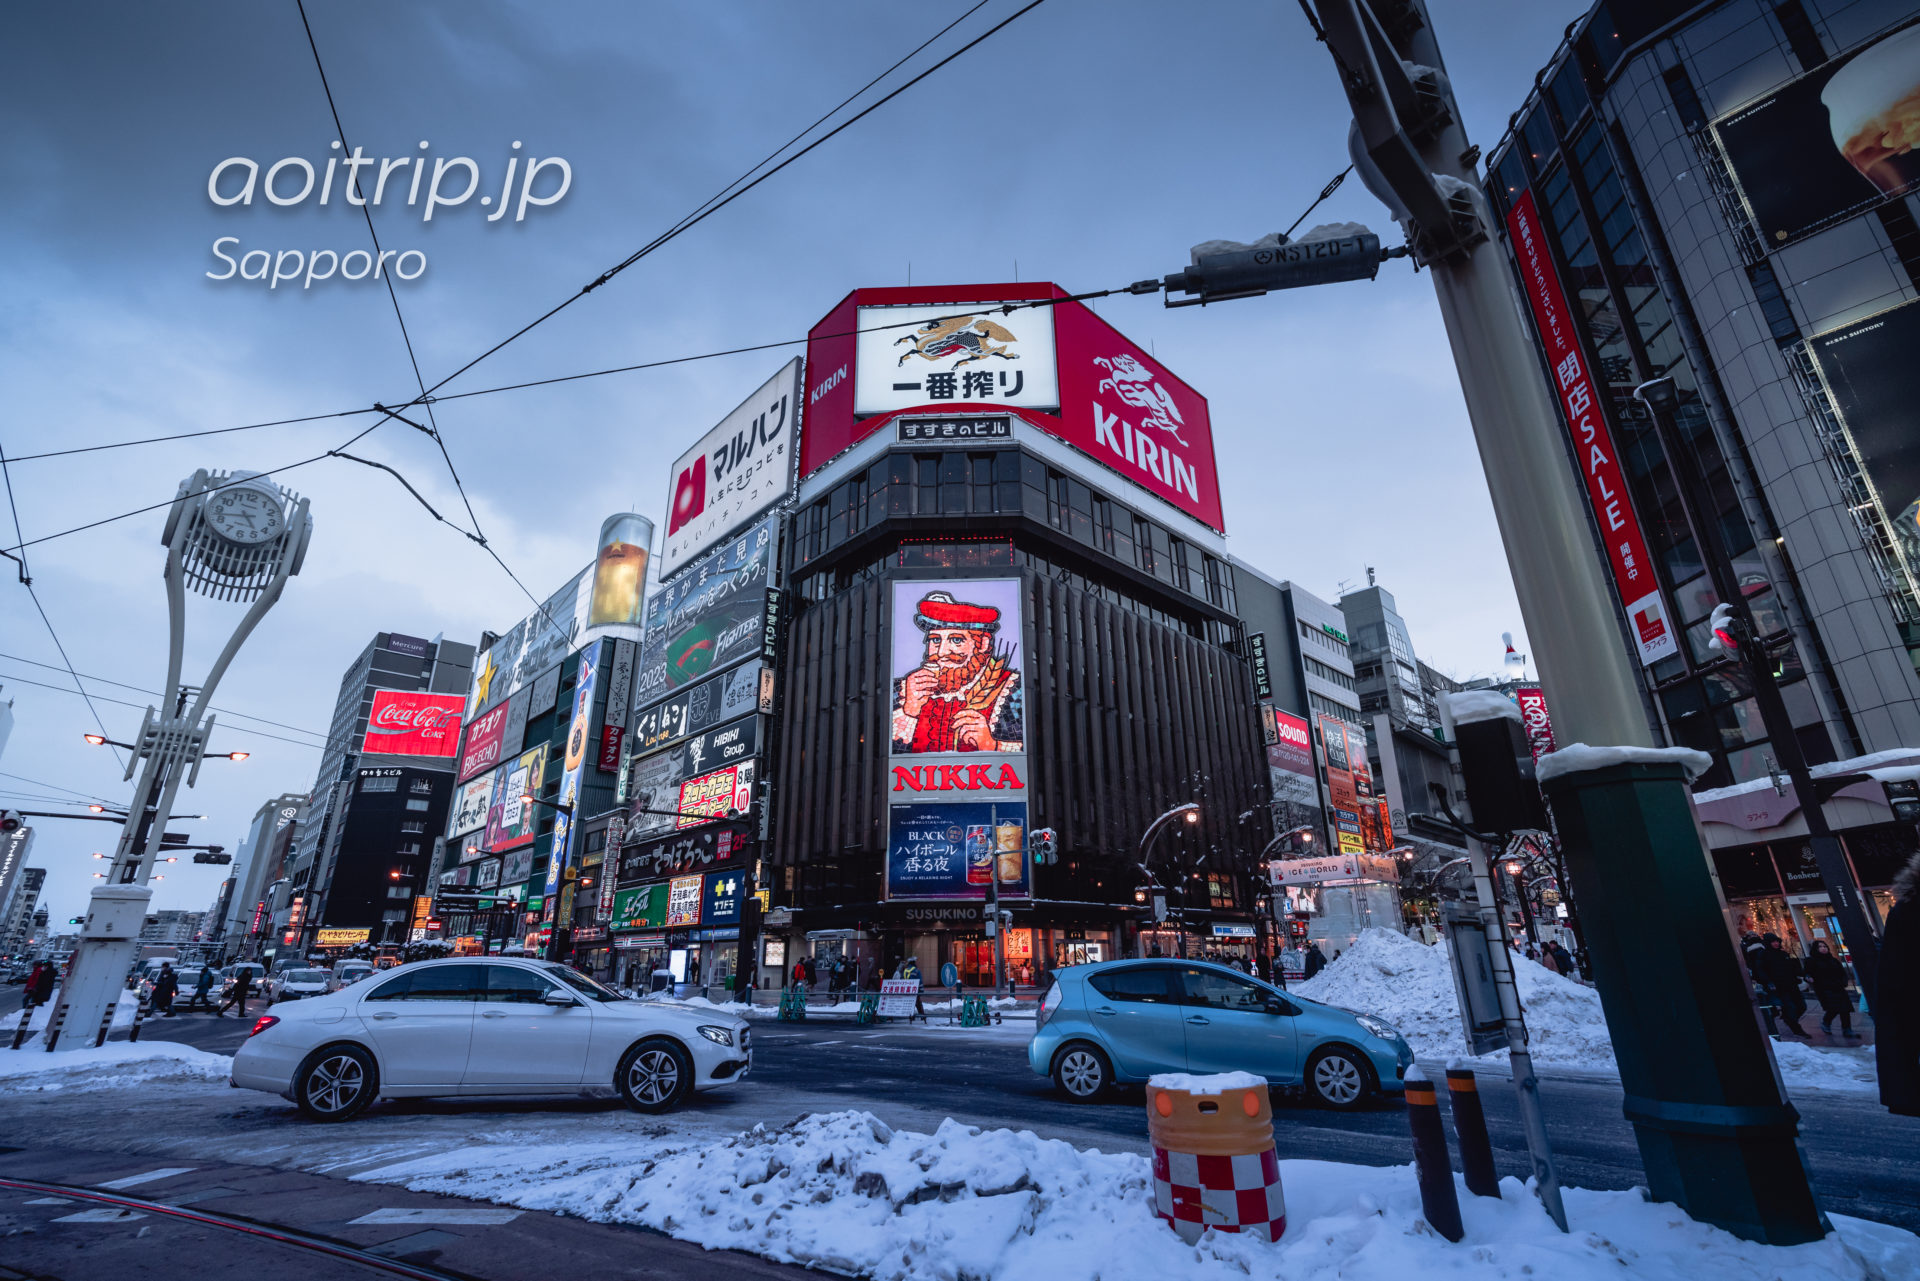 札幌すすきの交差点 ニッカ看板 Nikka Whisky Signboard, Susukino, Sapporo